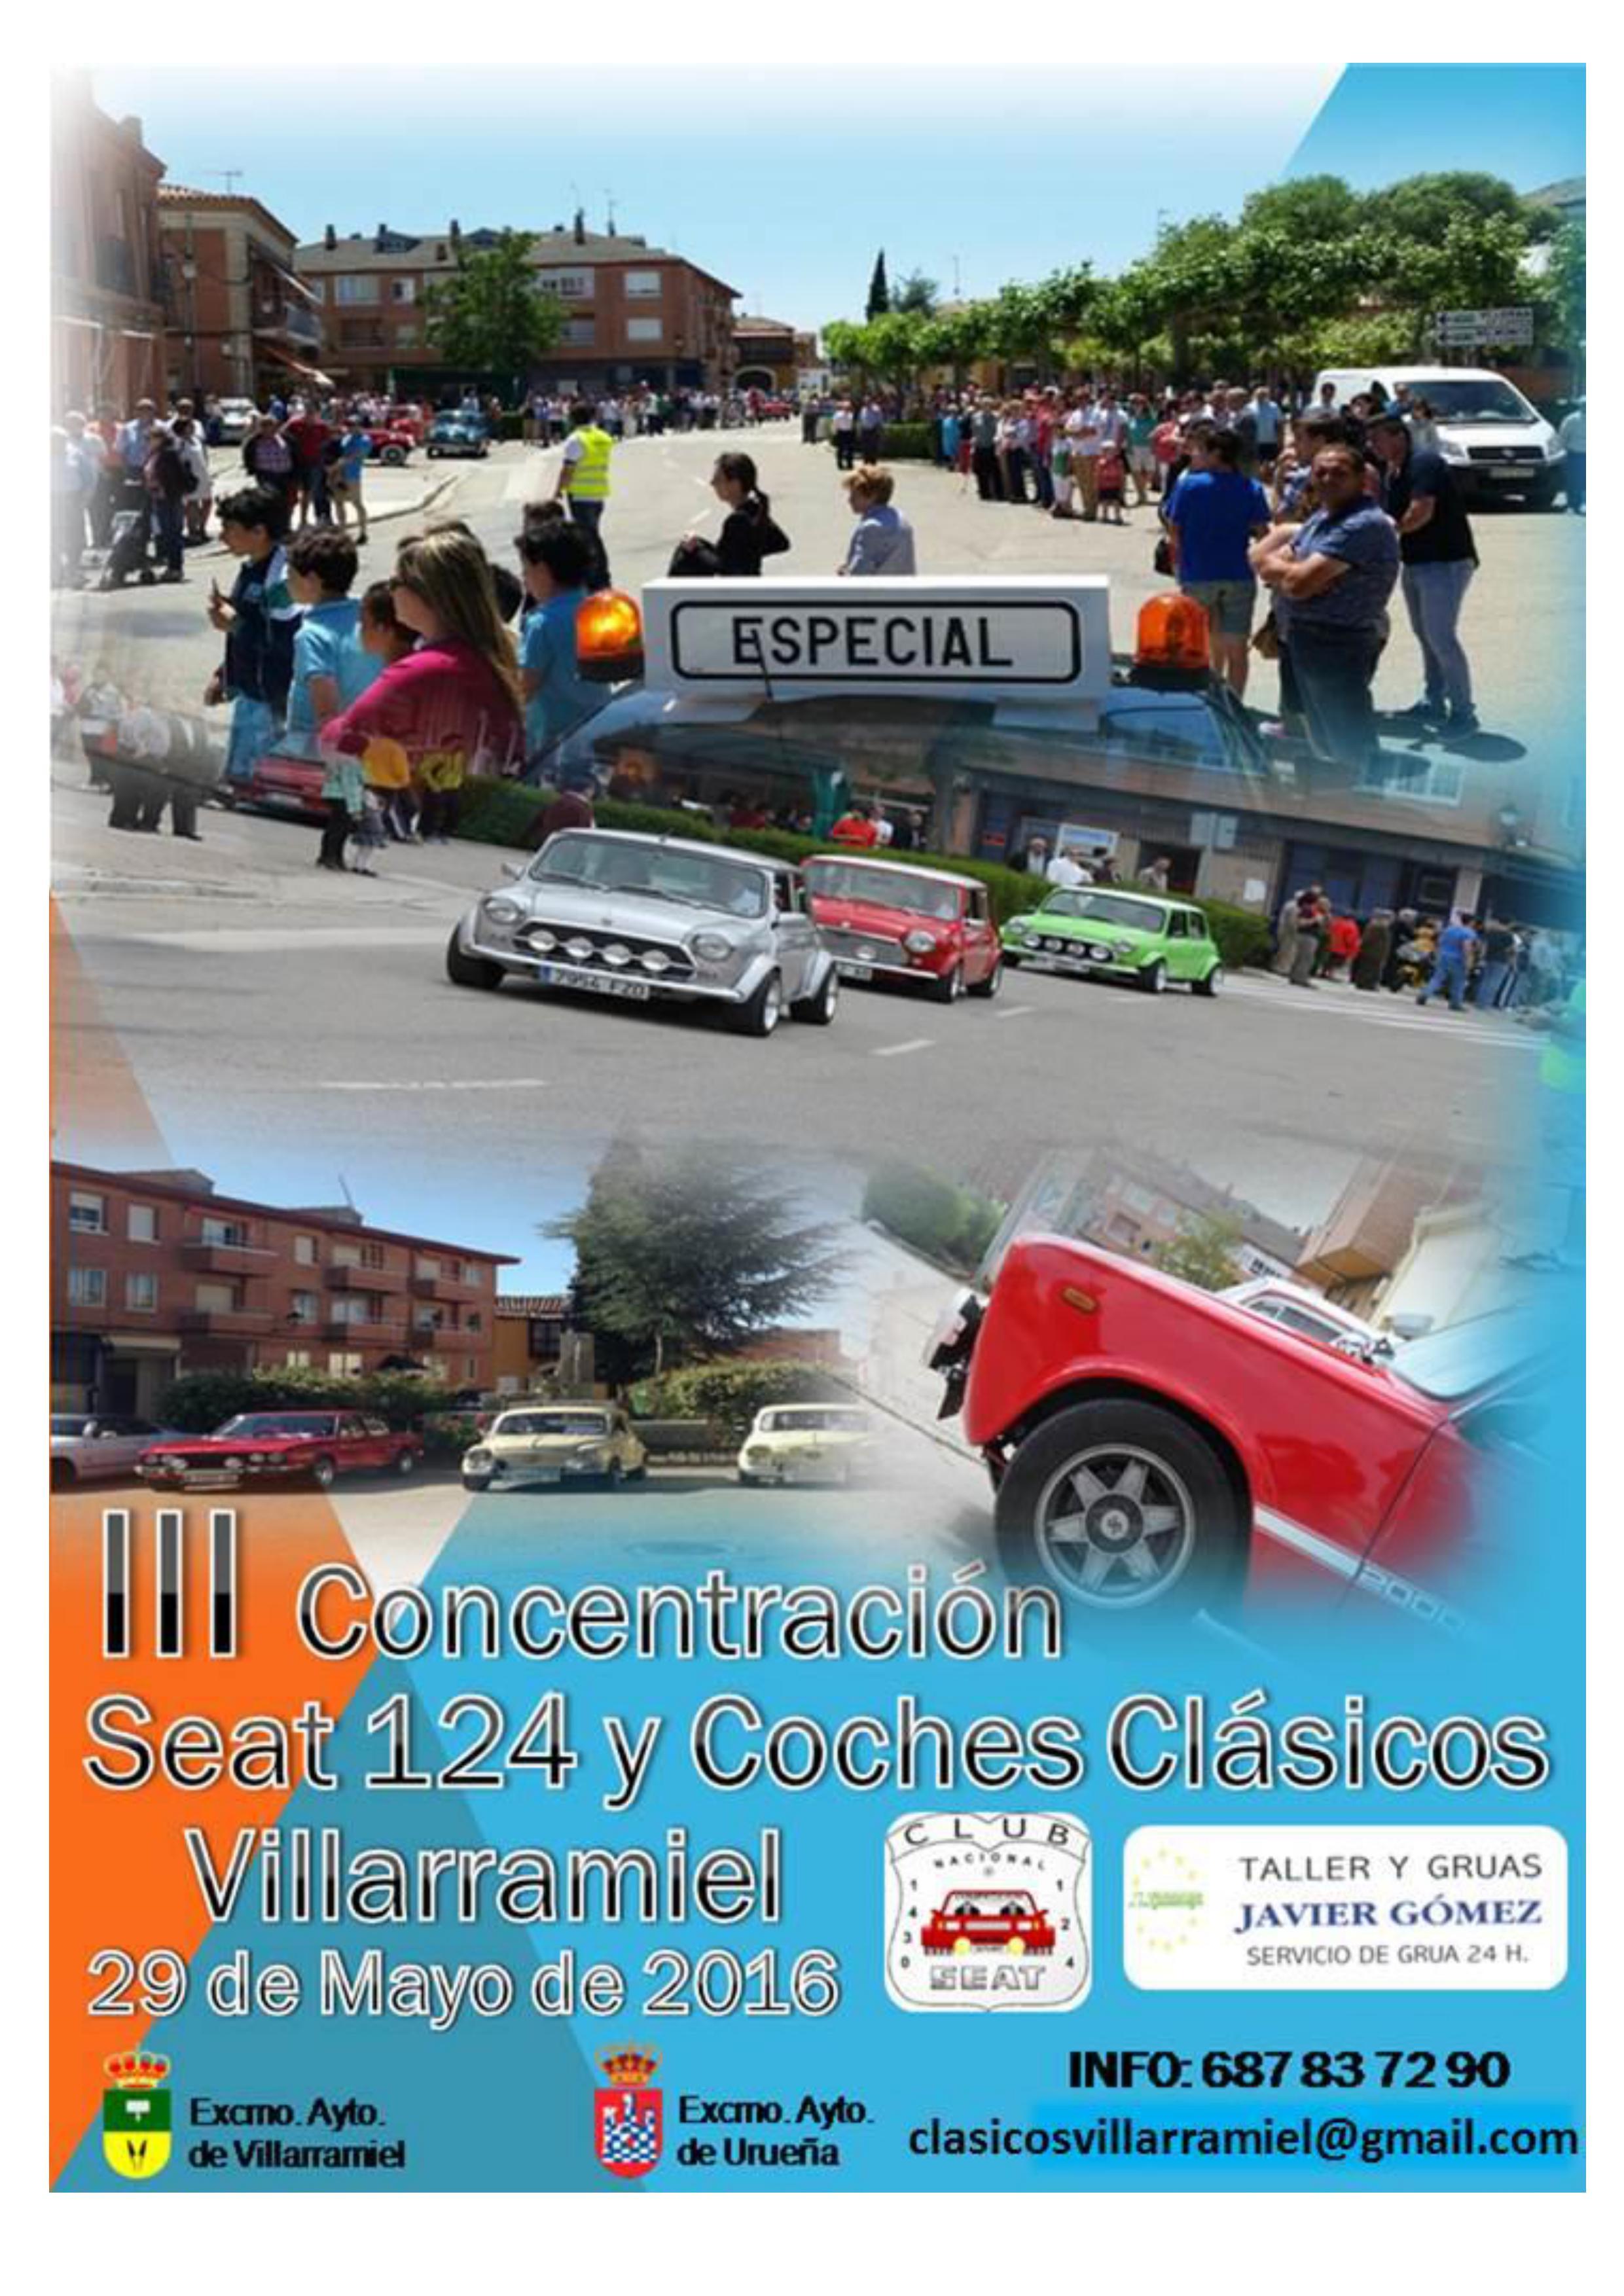 III Concentración Seat 124 y coches clásicos de Villarramiel